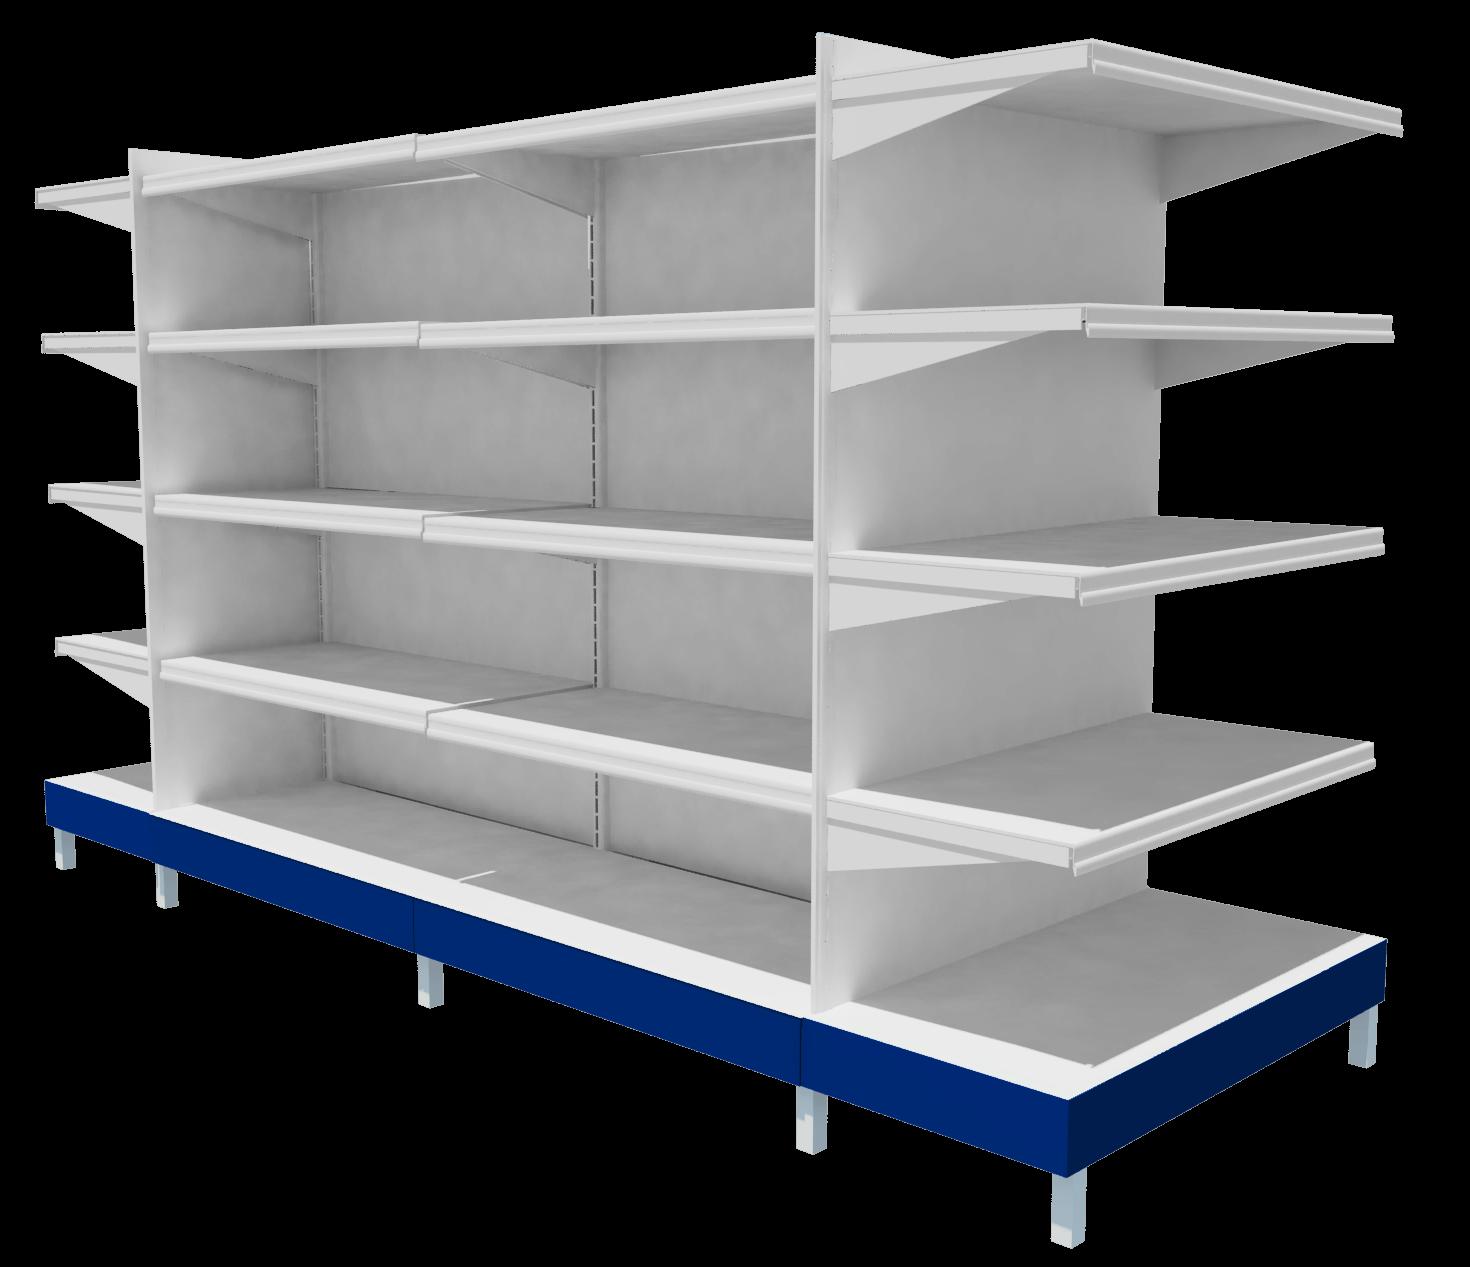 Estanteria metalica muebles metalicos y anaqueles metalicos for La gondola muebles